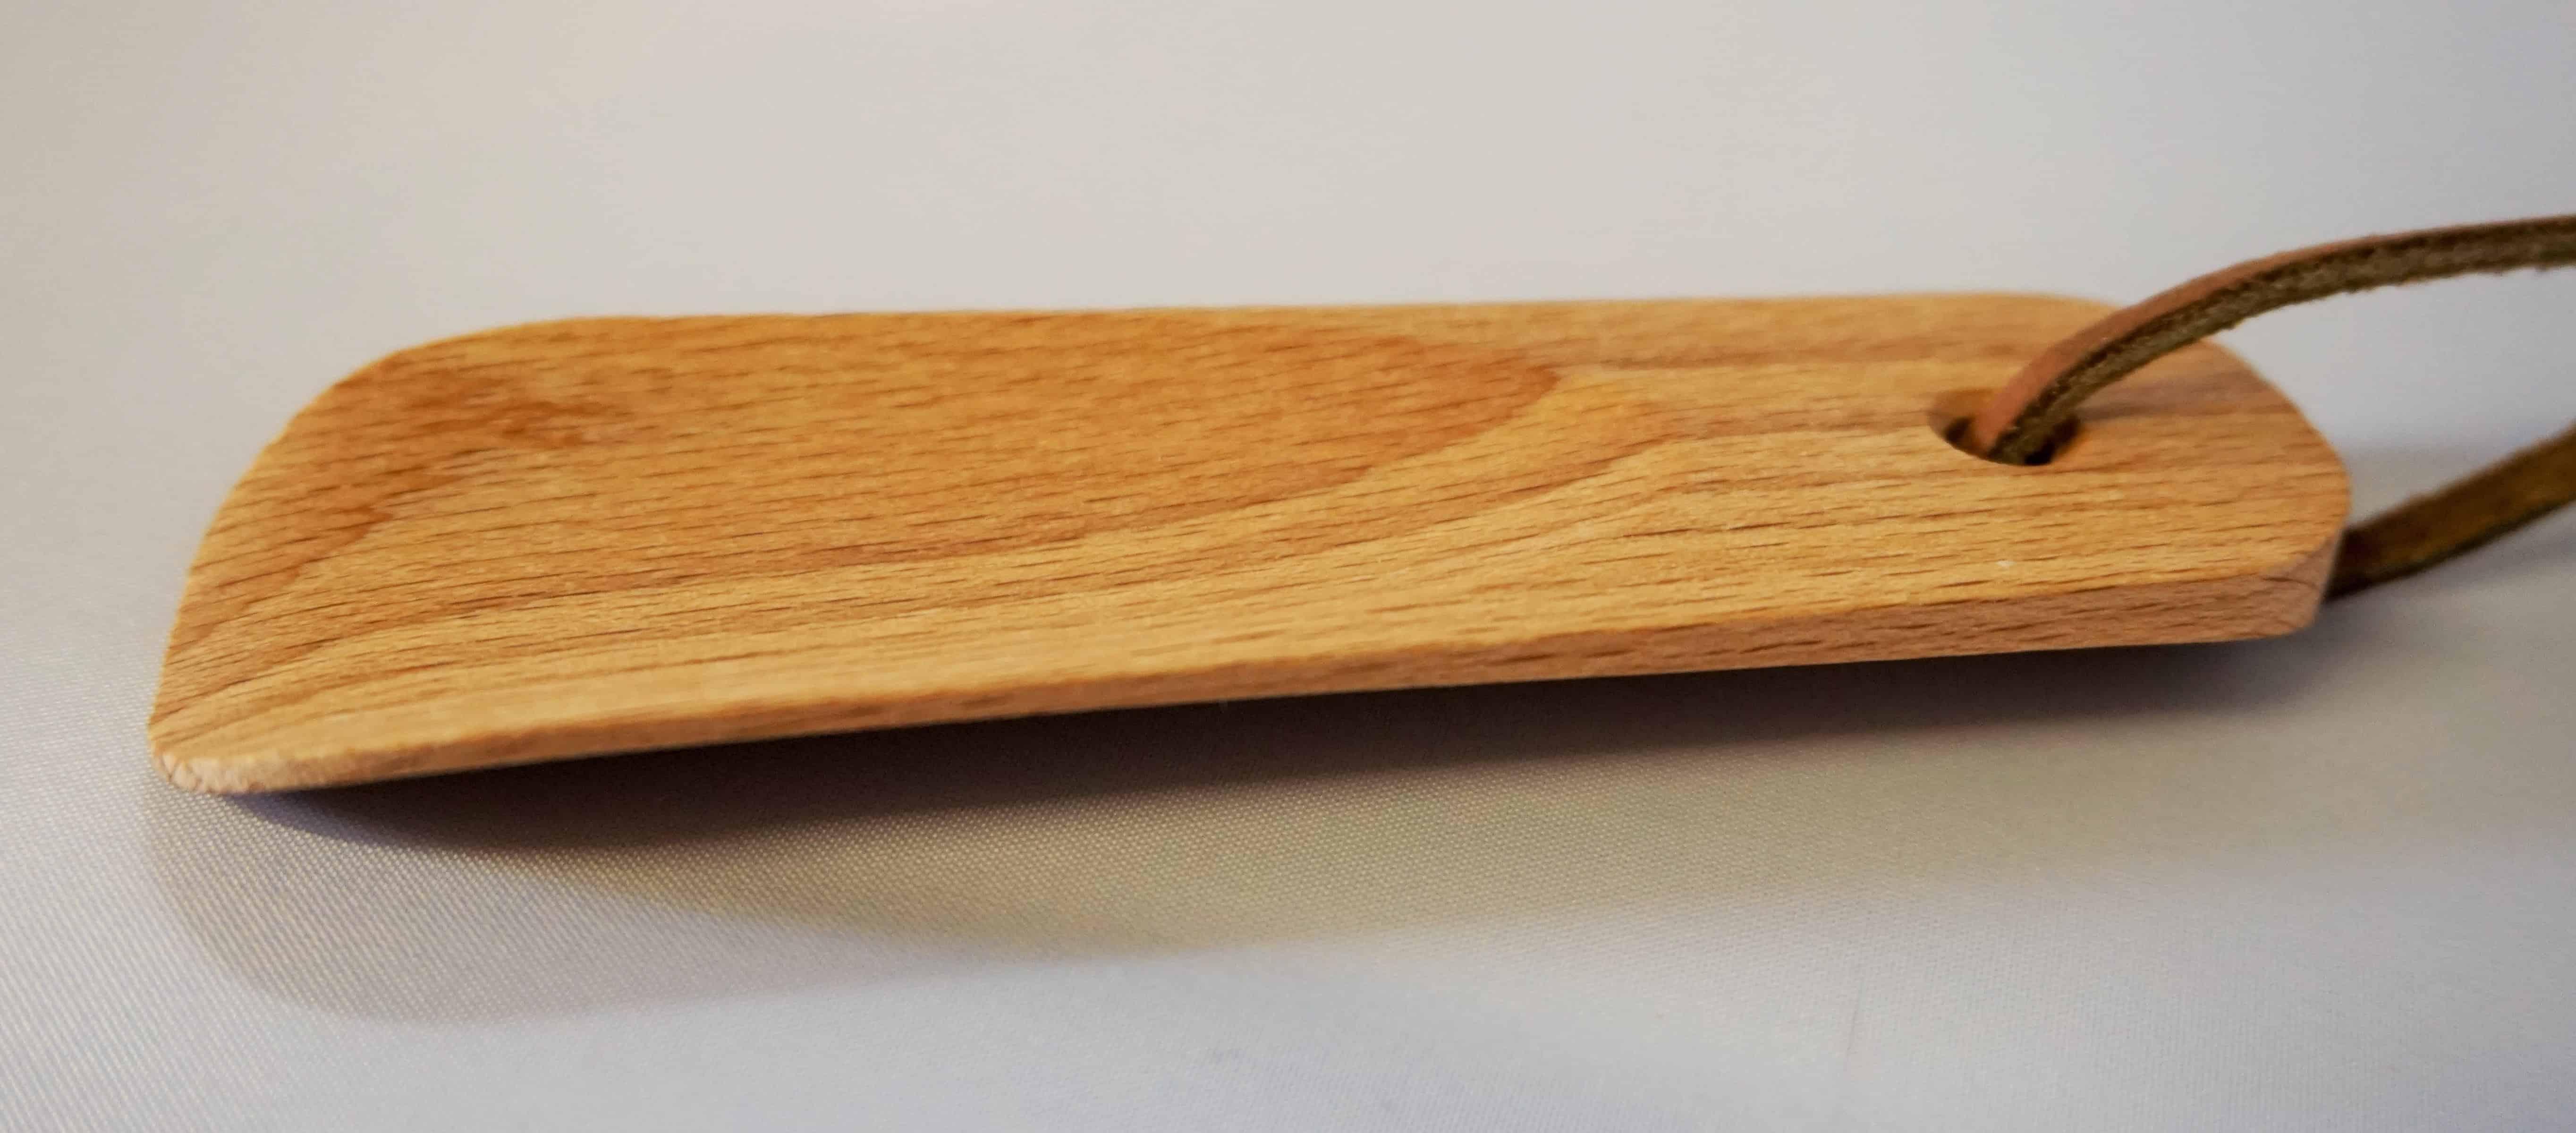 Schuhlöffel mini aus Buchenholz 11,5cm